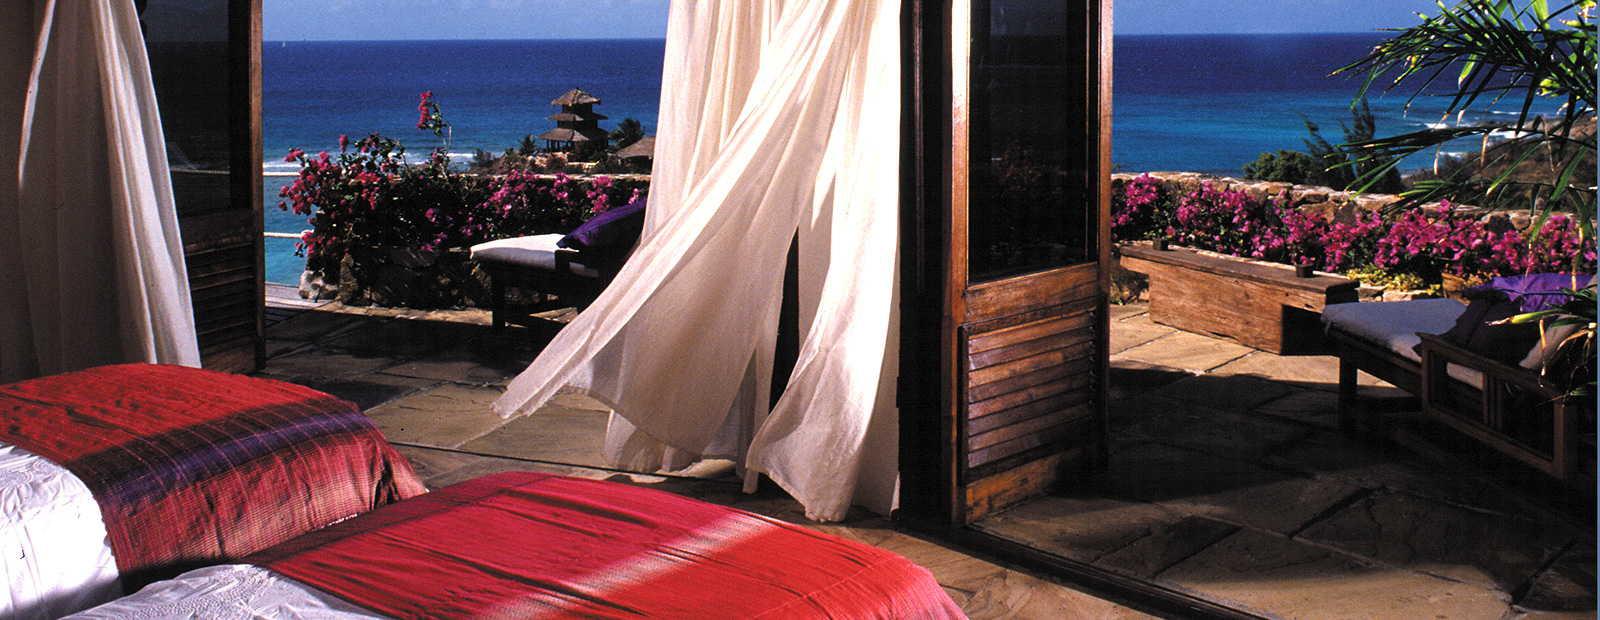 Luxuriöse Ferienhäuser in der Karibik